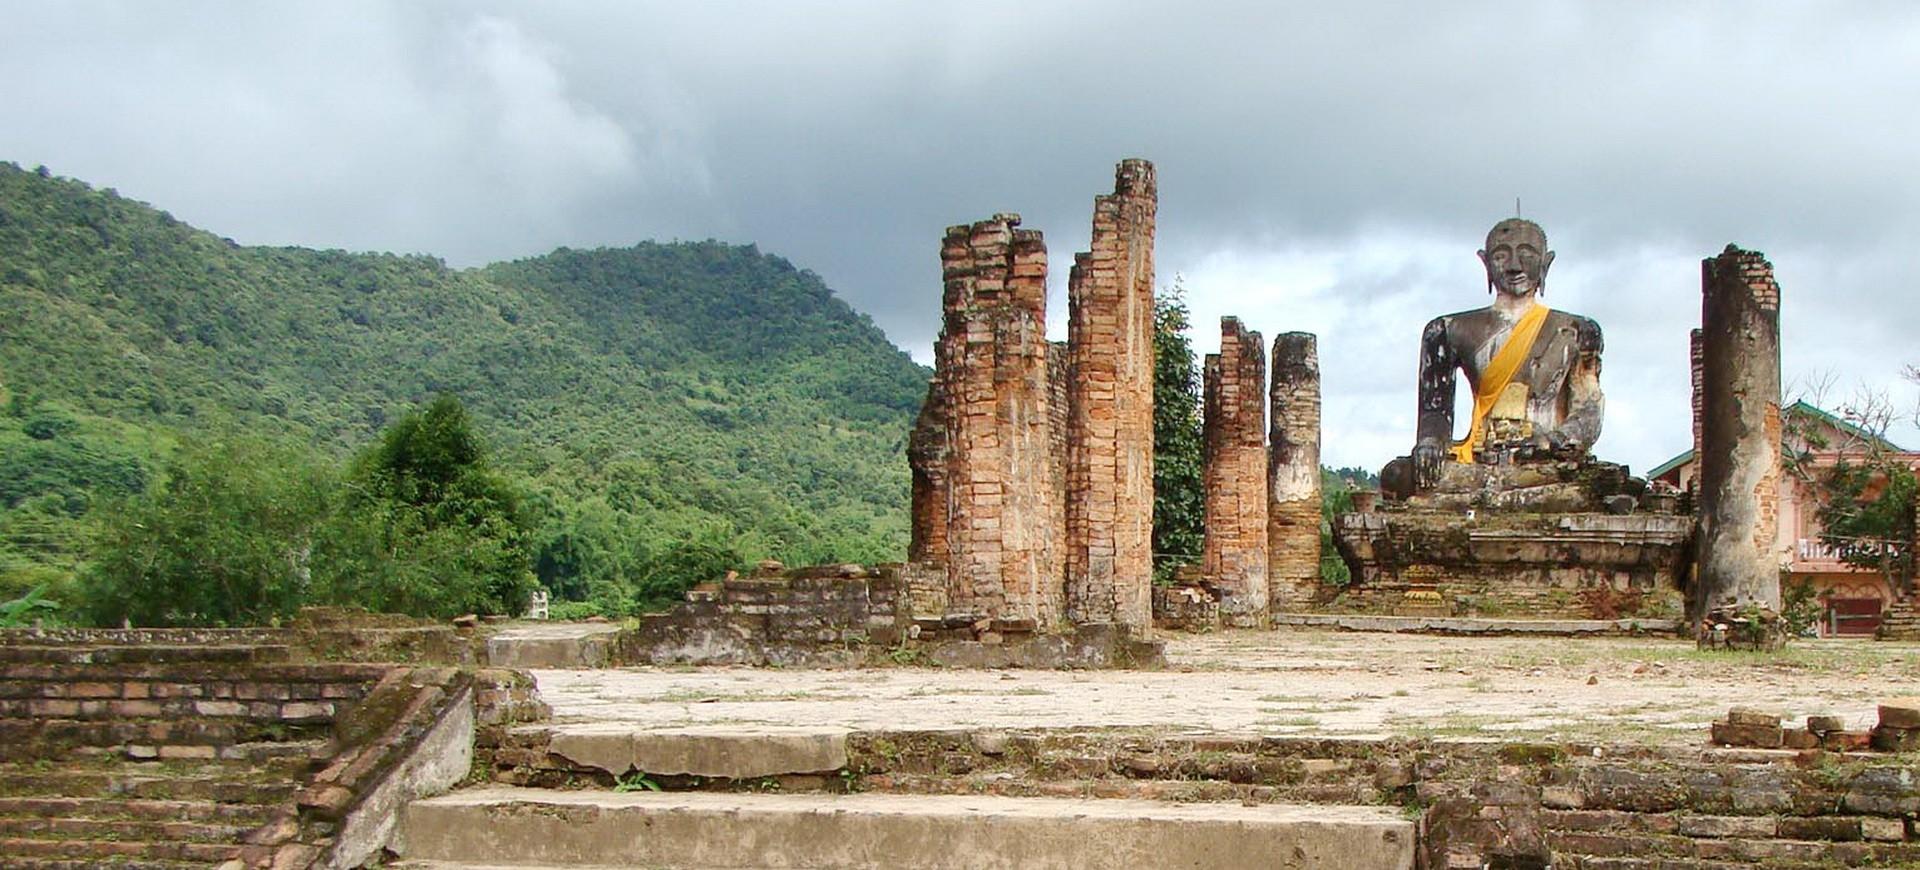 Laos Xiengkhuang Wat Phiawat